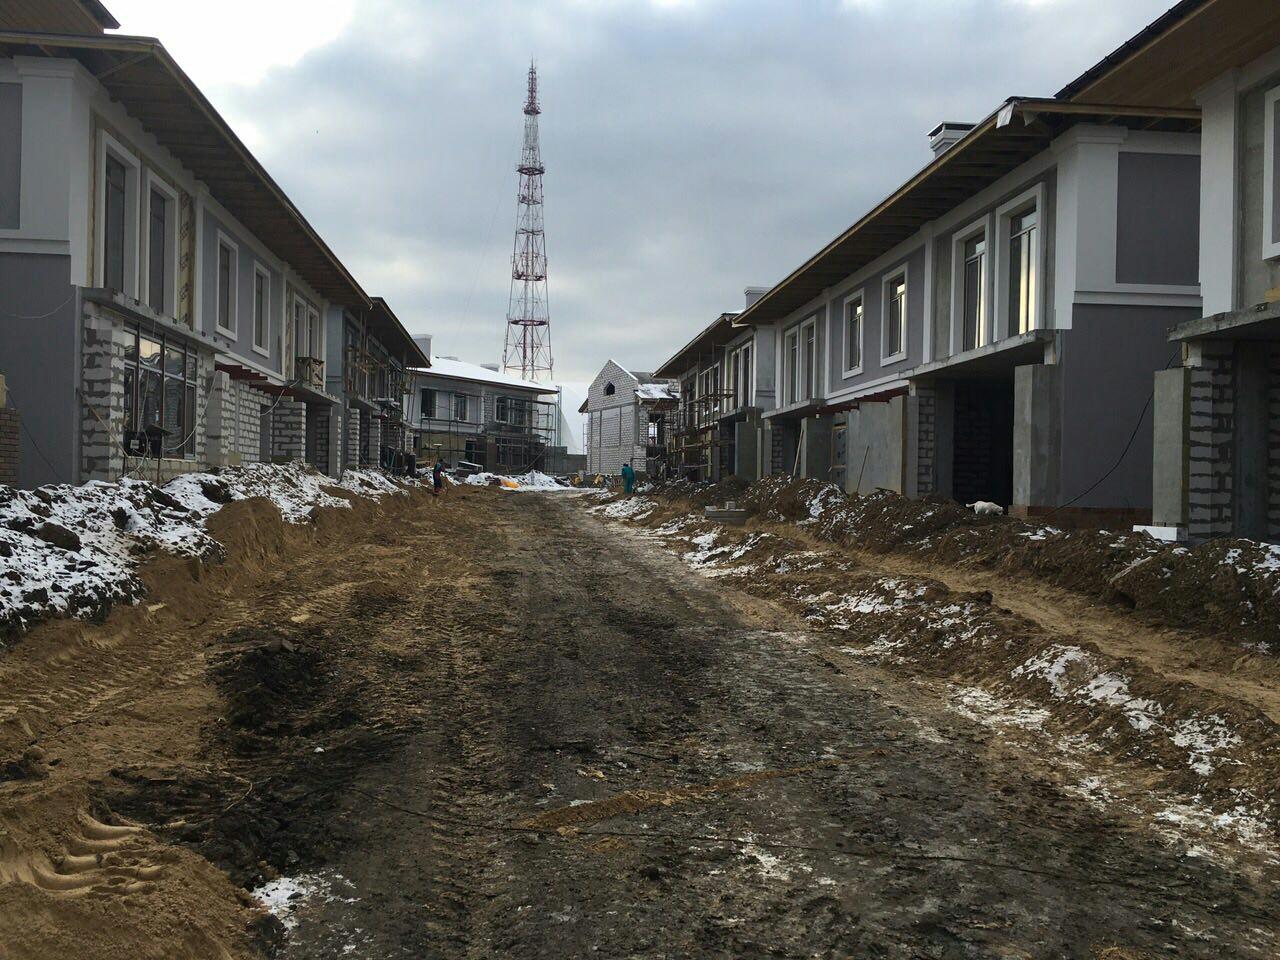 Центральная улица. Дома подключены к постоянному энергоснабжению и слаботочным сетям (интернет и телевидение)